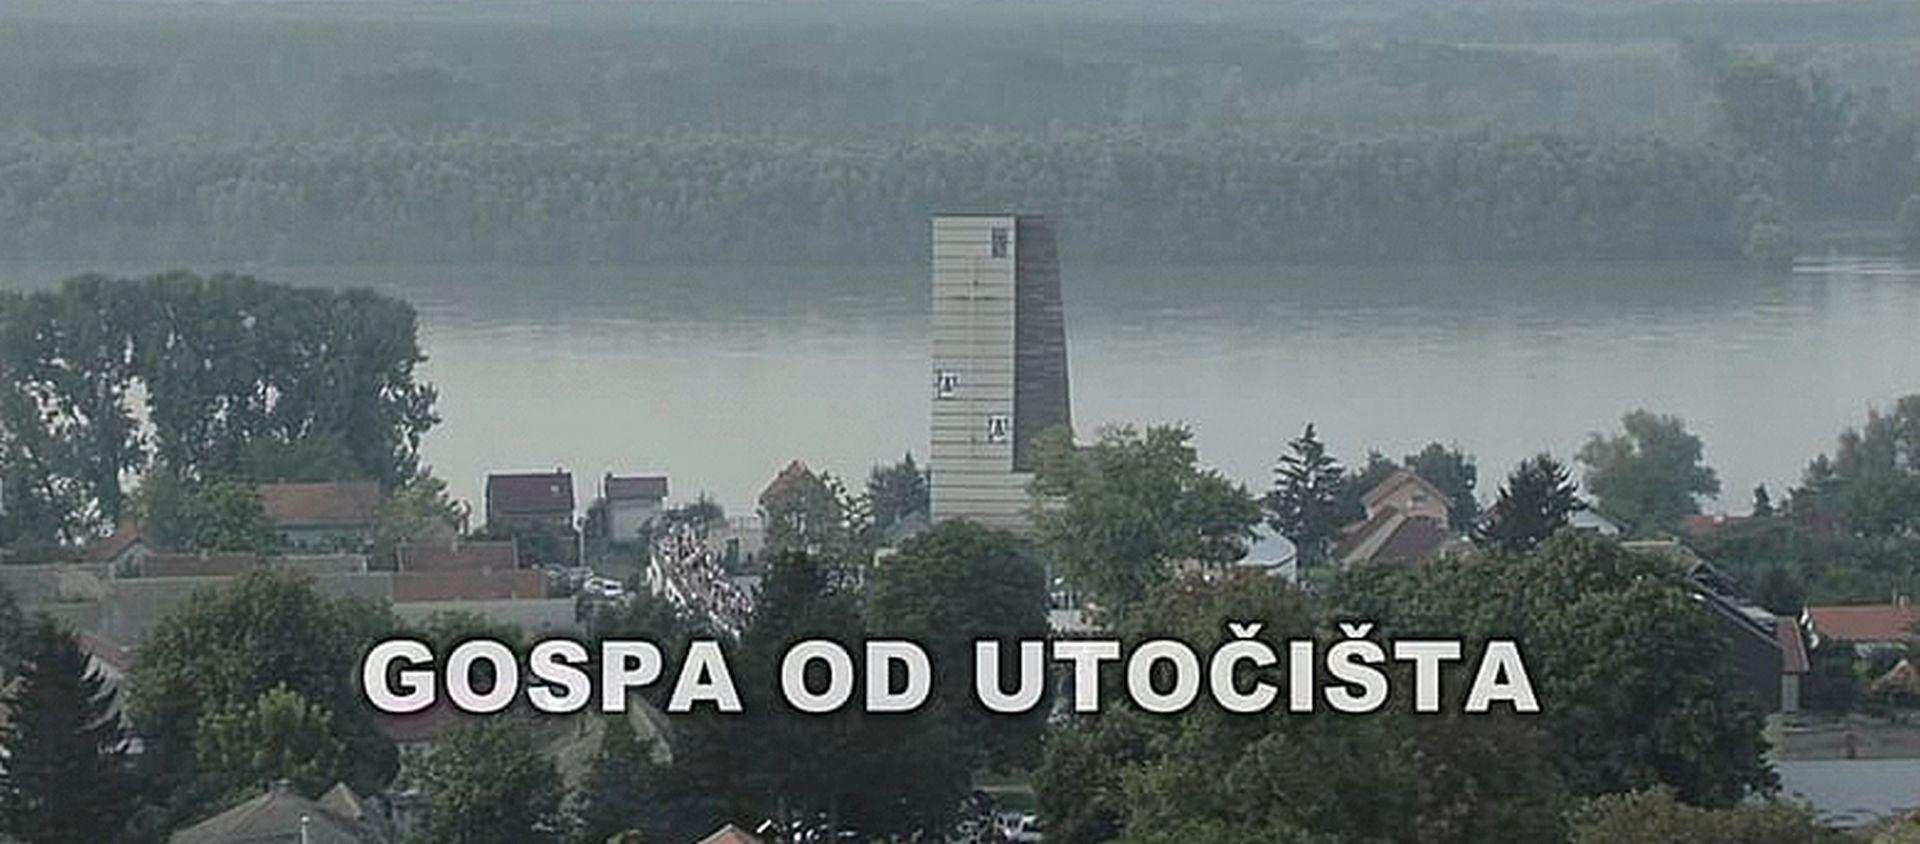 Zagrebačka premijera dokumentarca 'Gospa od Utočišta'